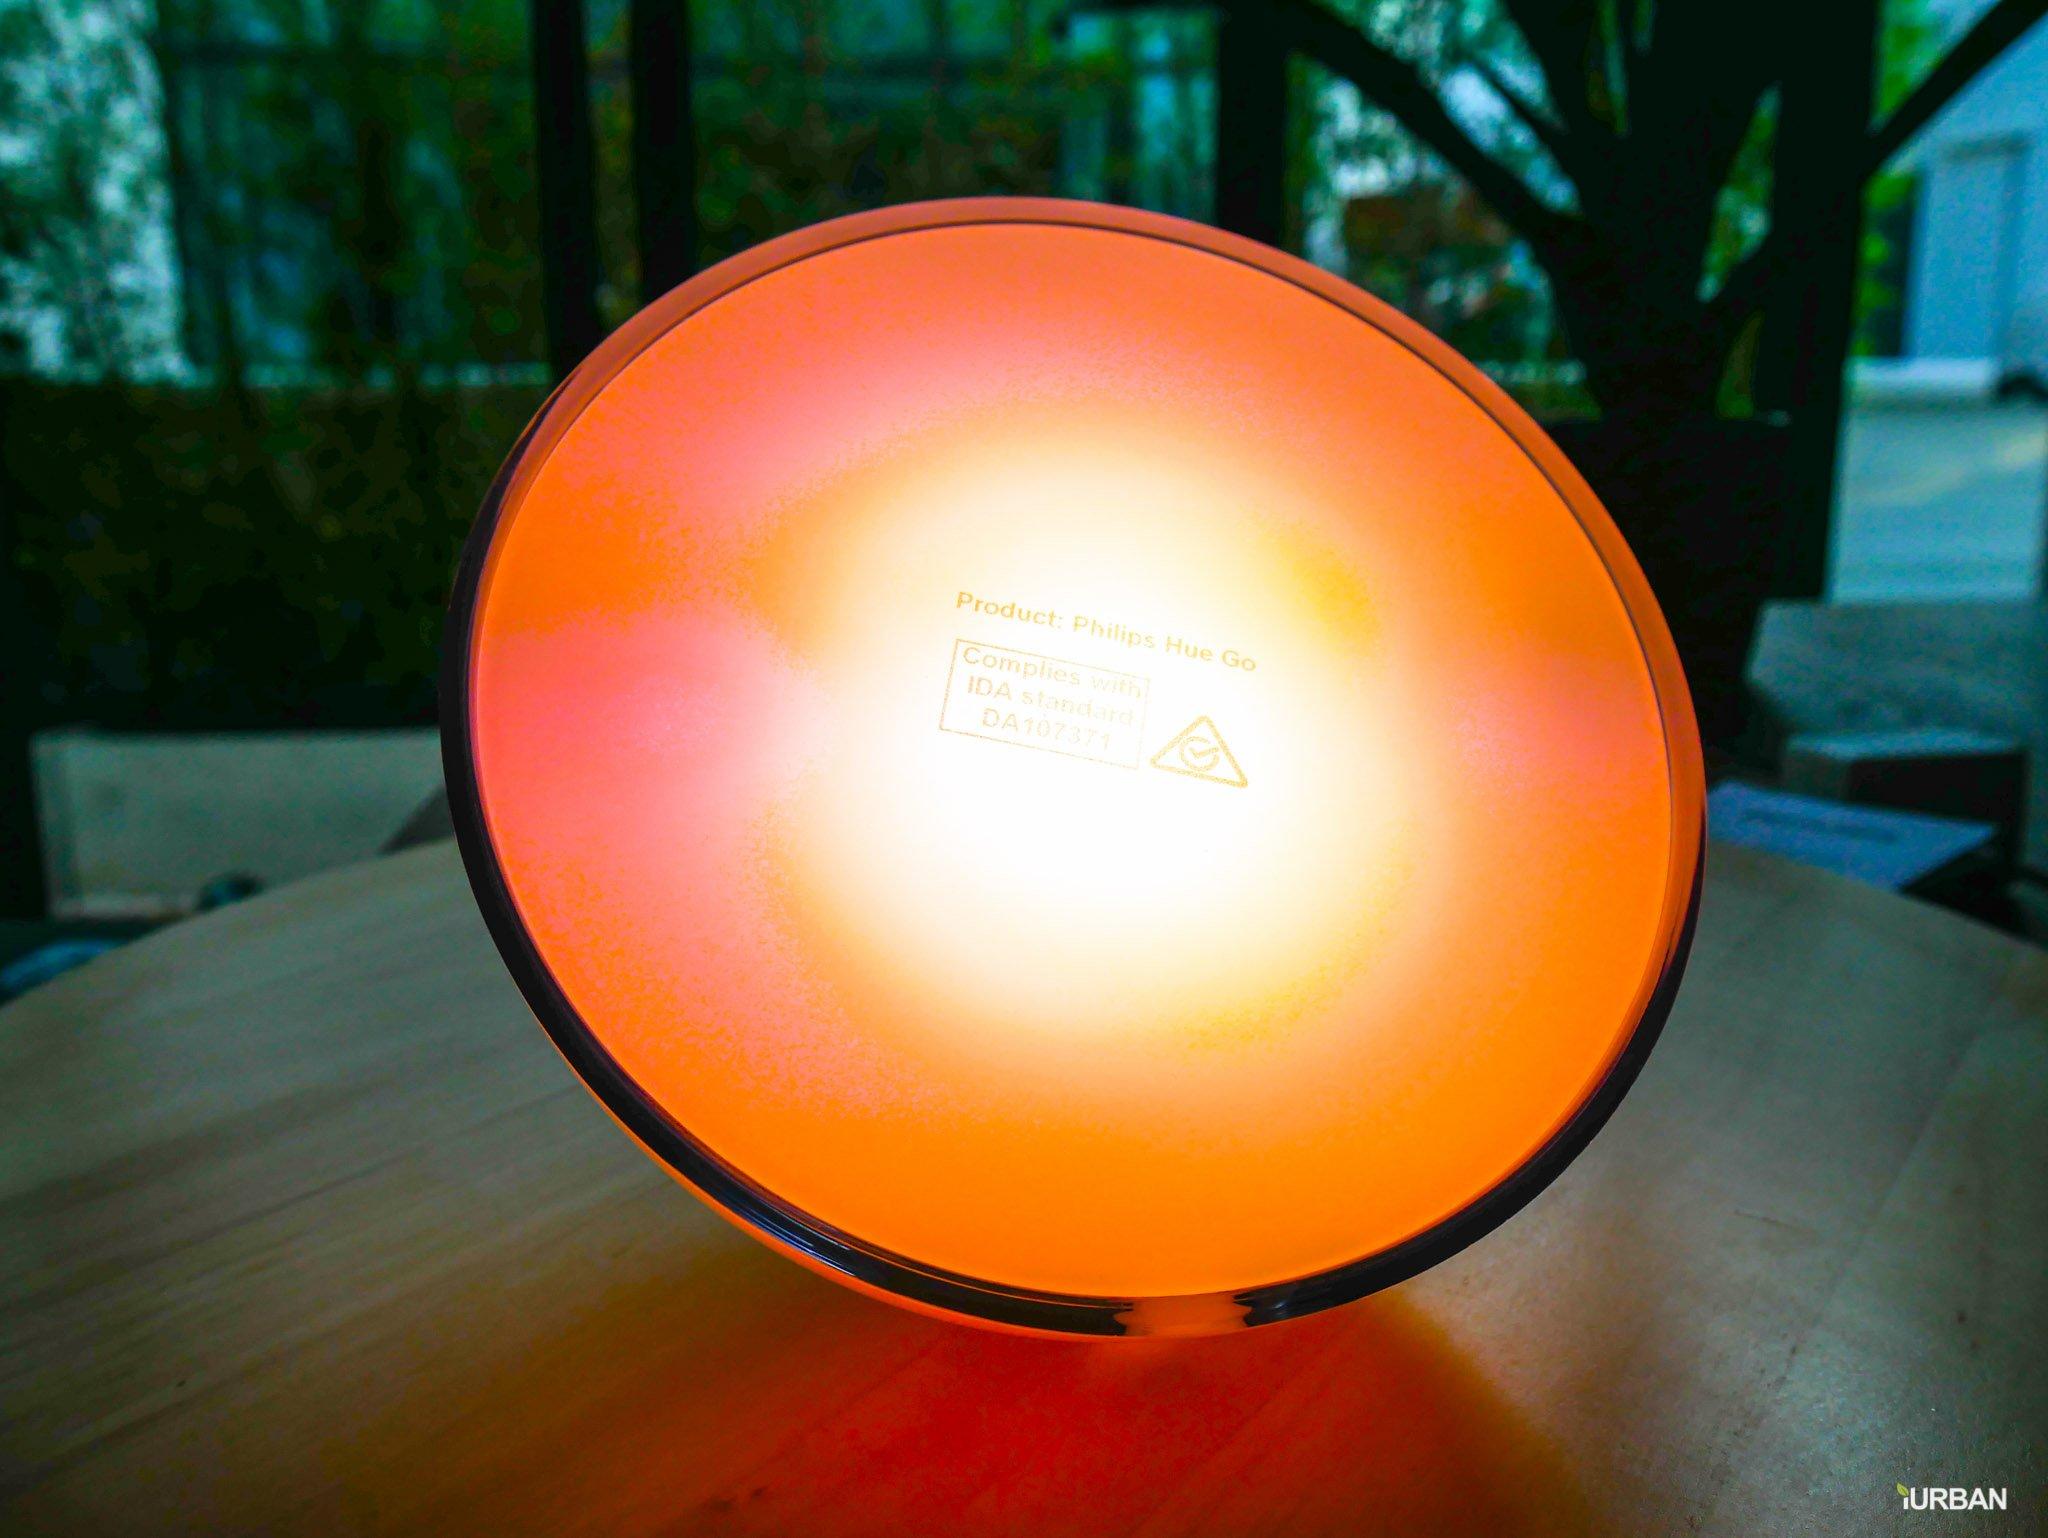 ทดสอบไฟอัจฉริยะสุดของโลก PHILIPS Hue ที่สั่งมาจากร้าน Official ใน Lazada 27 - Hue